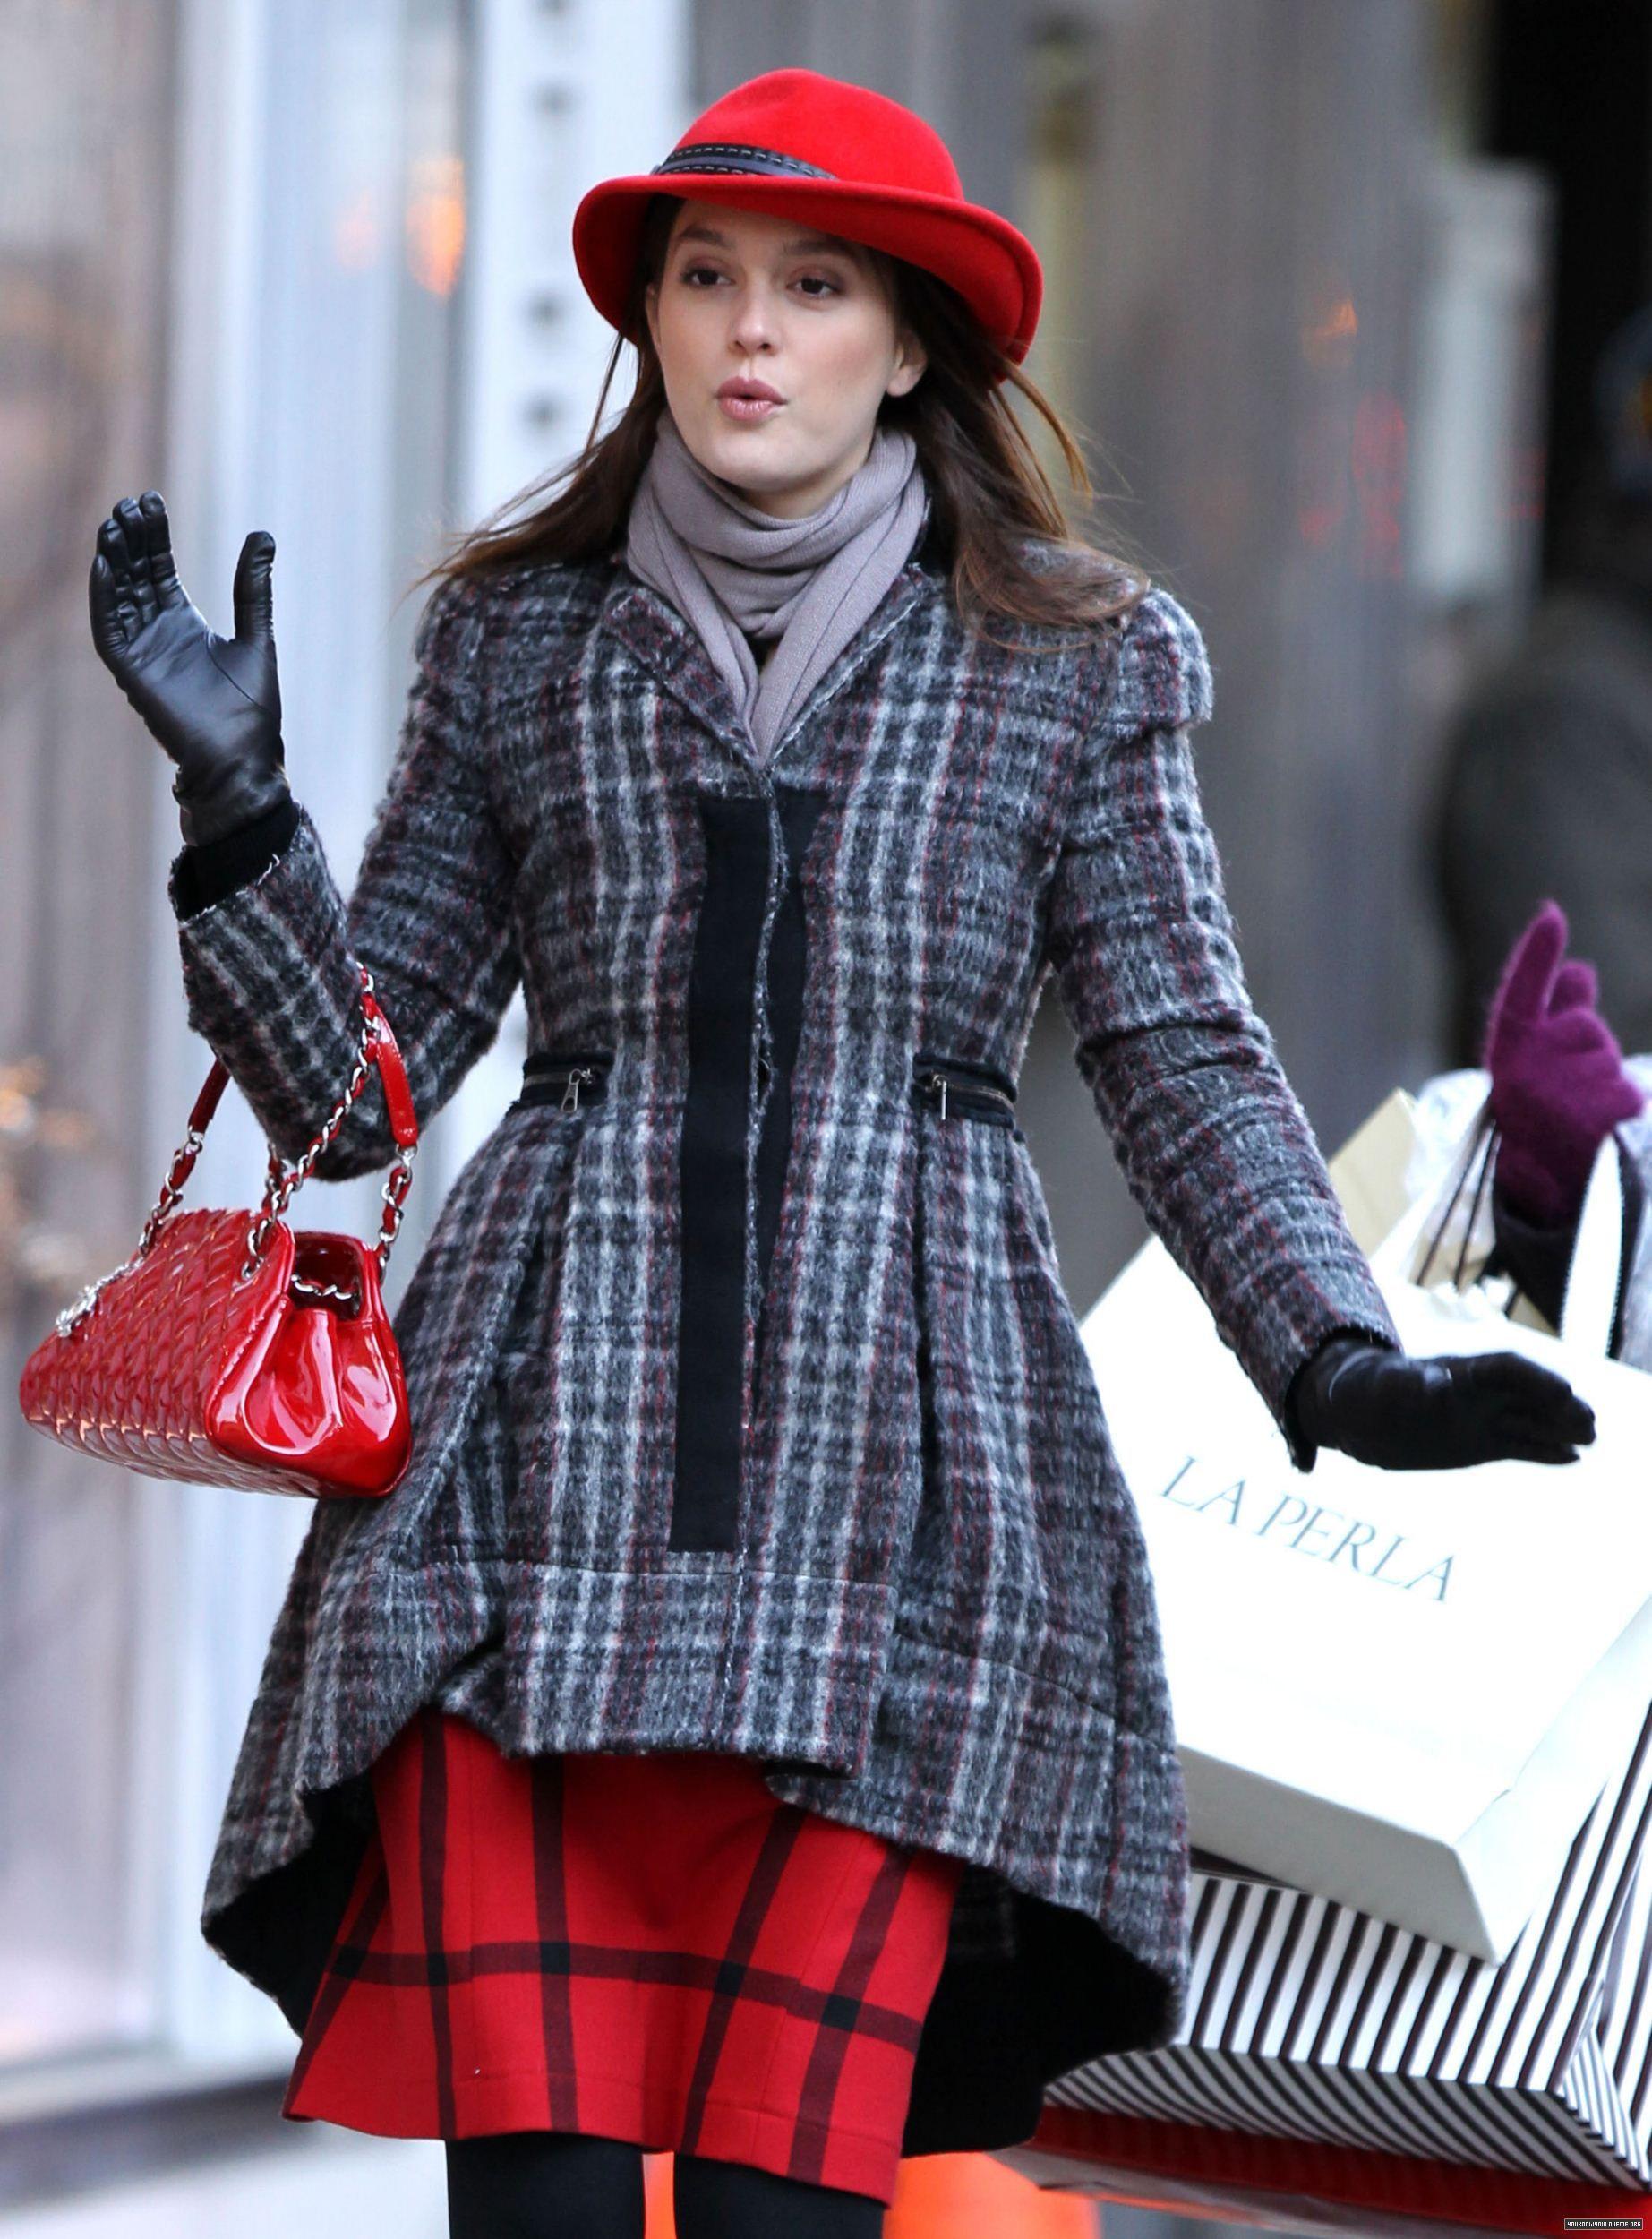 blair waldorf in flawless winter look gossip girl